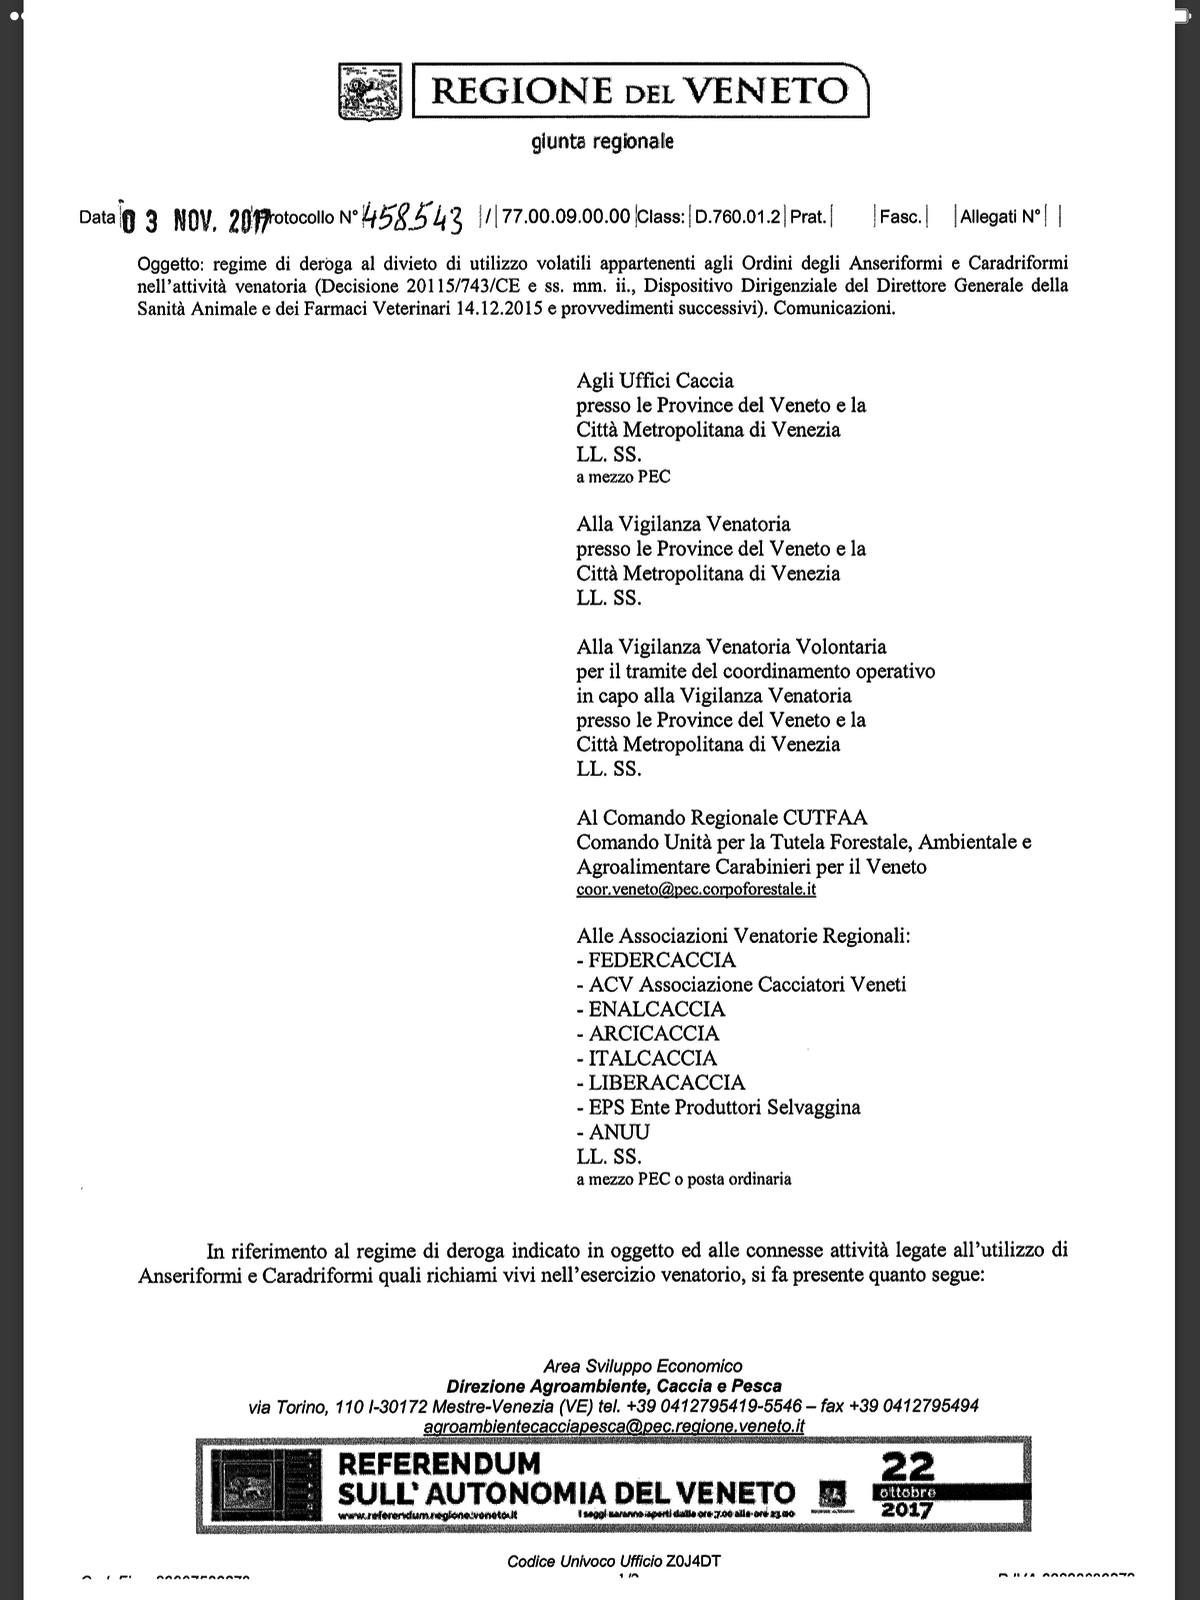 regime di deroga al divieto di utilizzo volatili appartenenti agli Ordini degli Anseriformi e Caradriformi nell'attività venatoria (Decisione 20115/743/CE e ss. mm. ii., Dispositivo Dirigenziale del Direttore Generale della Sanità Animale e dei Farmaci Veterinari 14.12.2015 e provvedimenti successivi). Comunicazioni.